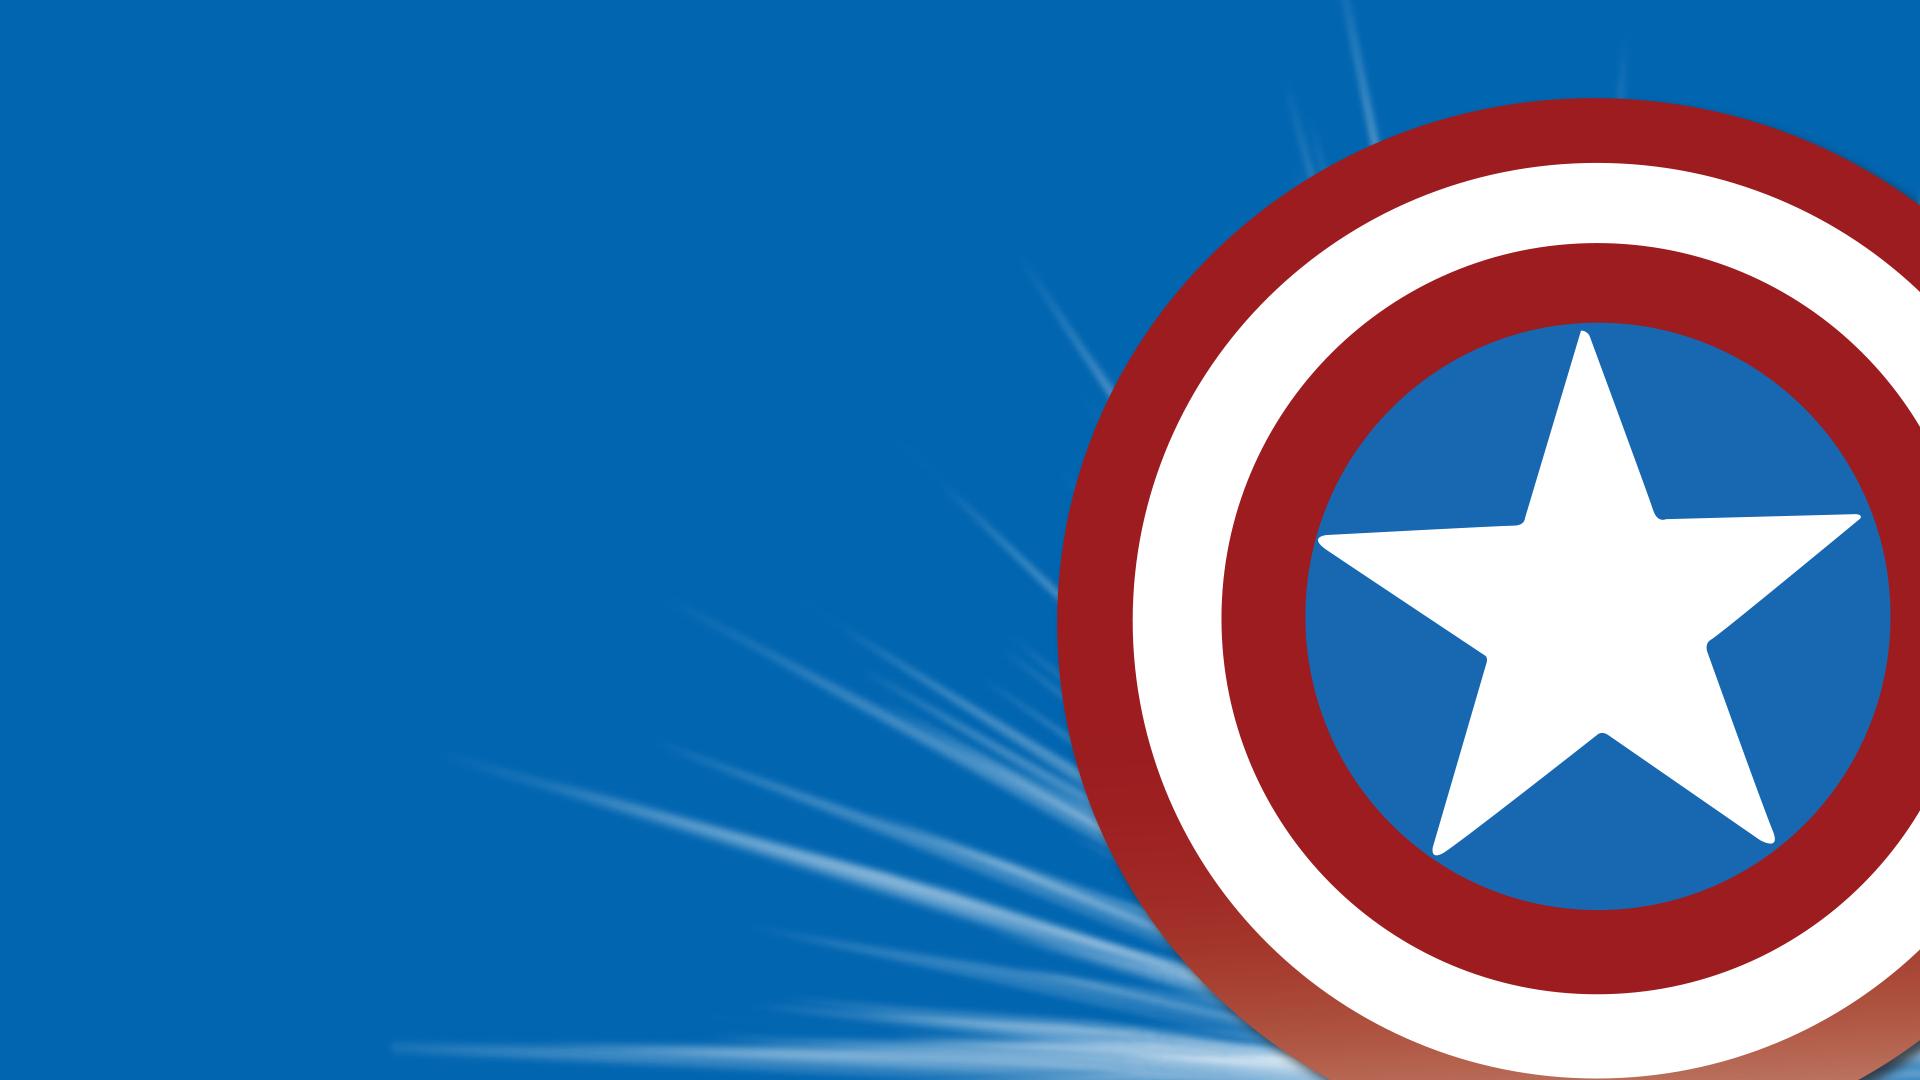 captain america wallpaper for desktop1 1 1920x1080